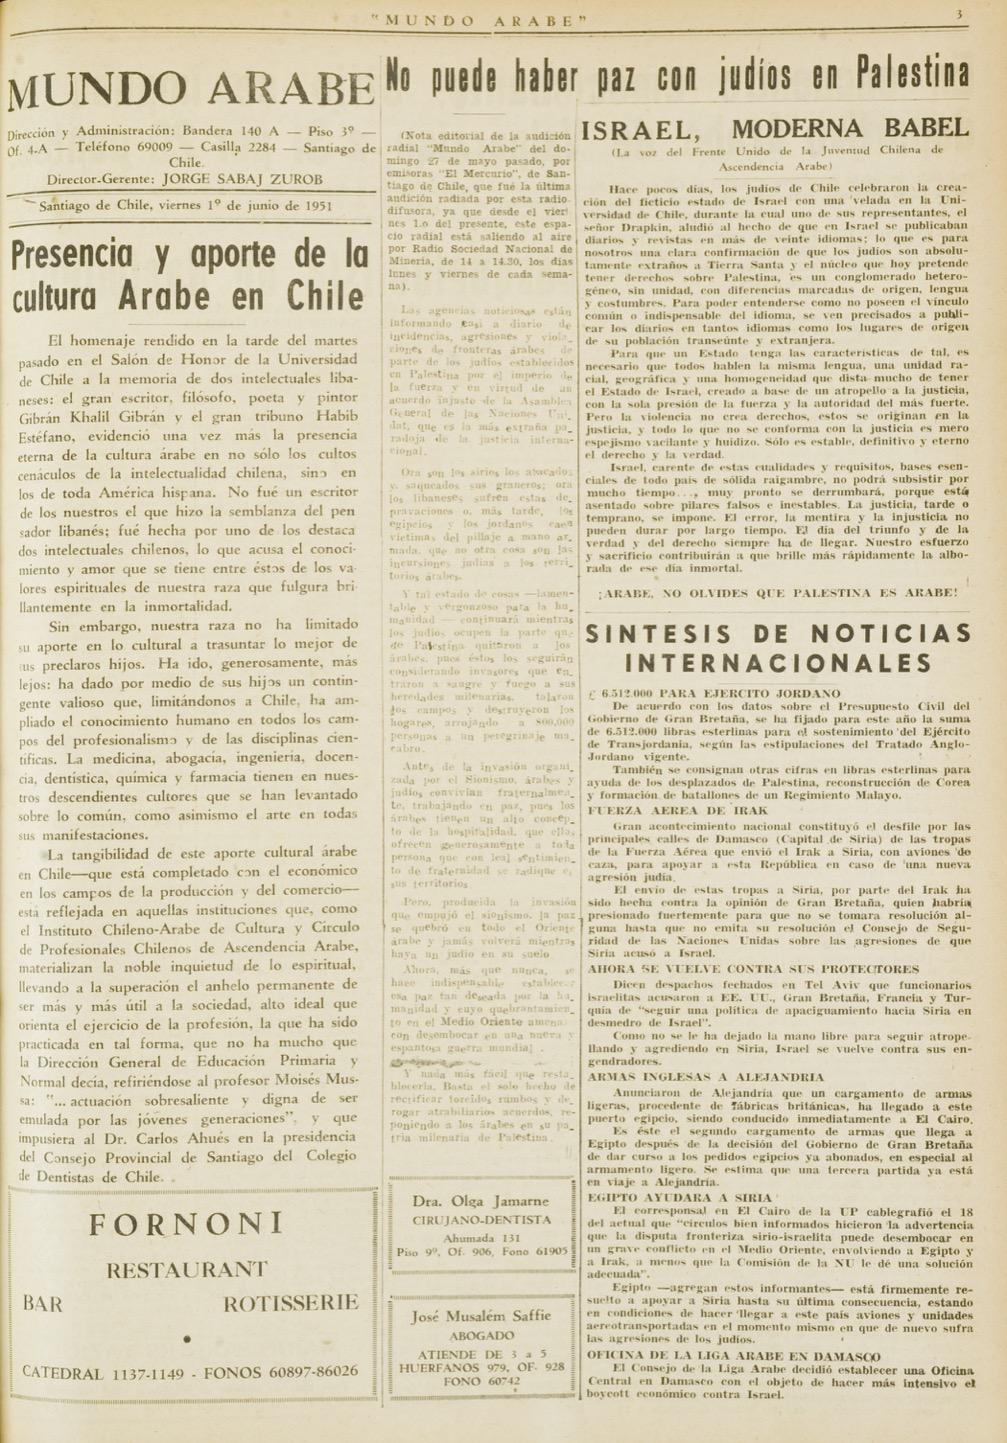 """""""Presentia y aporte de la cultura Arabe en Chile"""", Mundo Árabe, Jun 1, 1951, p. 3."""